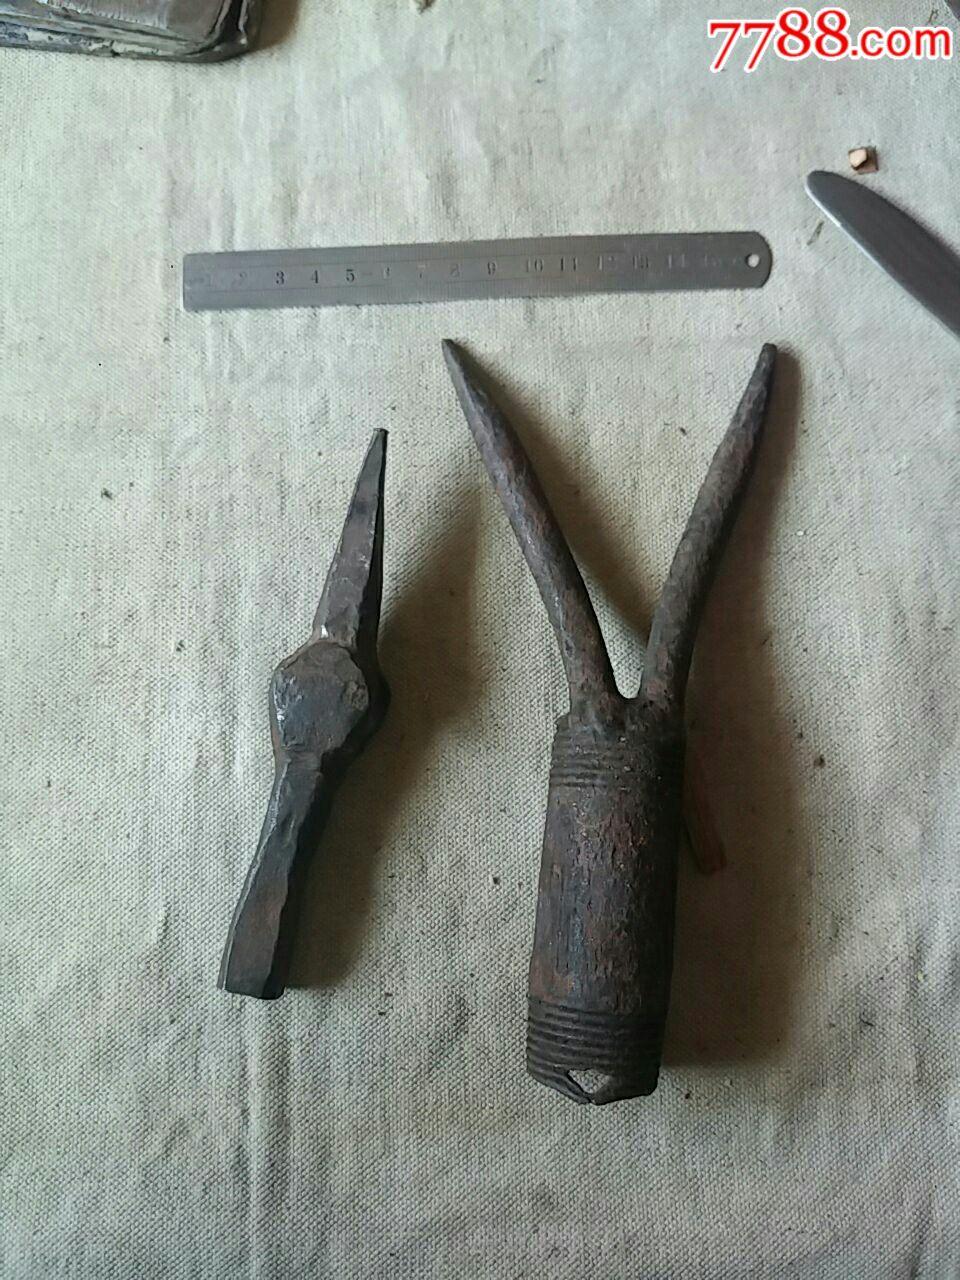 铁匠炉打造的锤子和叉农具木工小工具